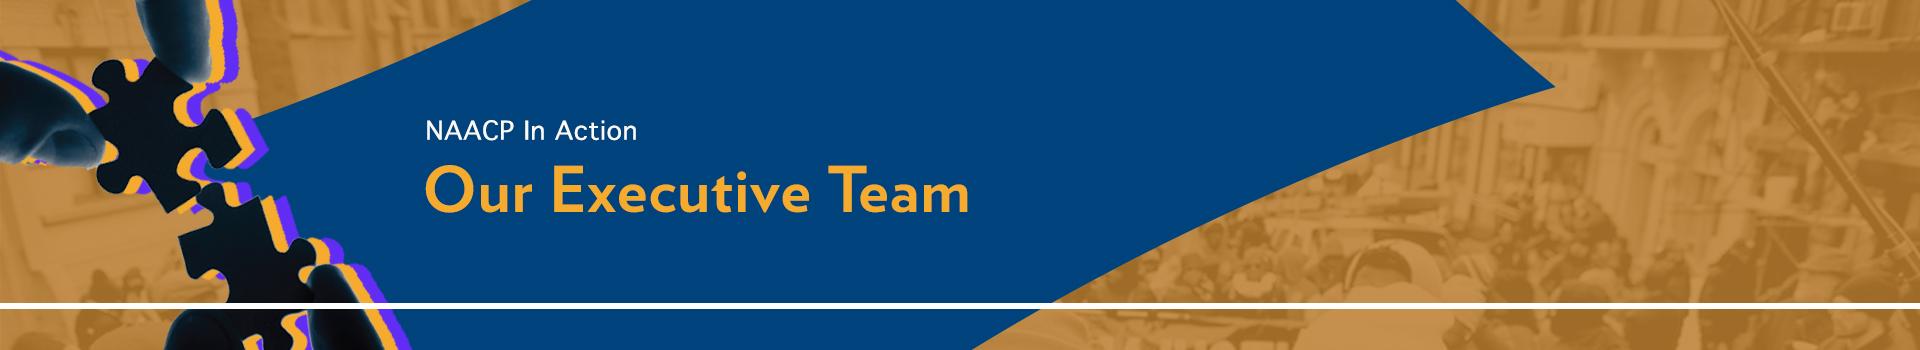 Executive team banner